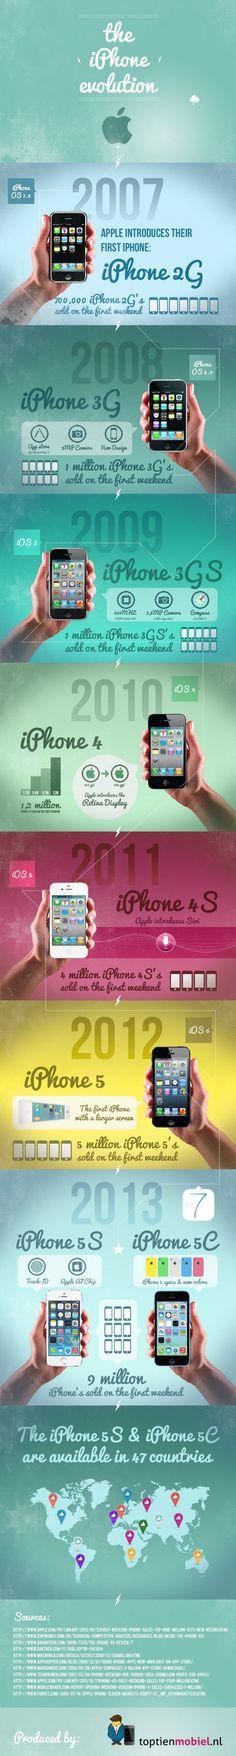 καλύτερη dating εφαρμογές 2013 iPhone